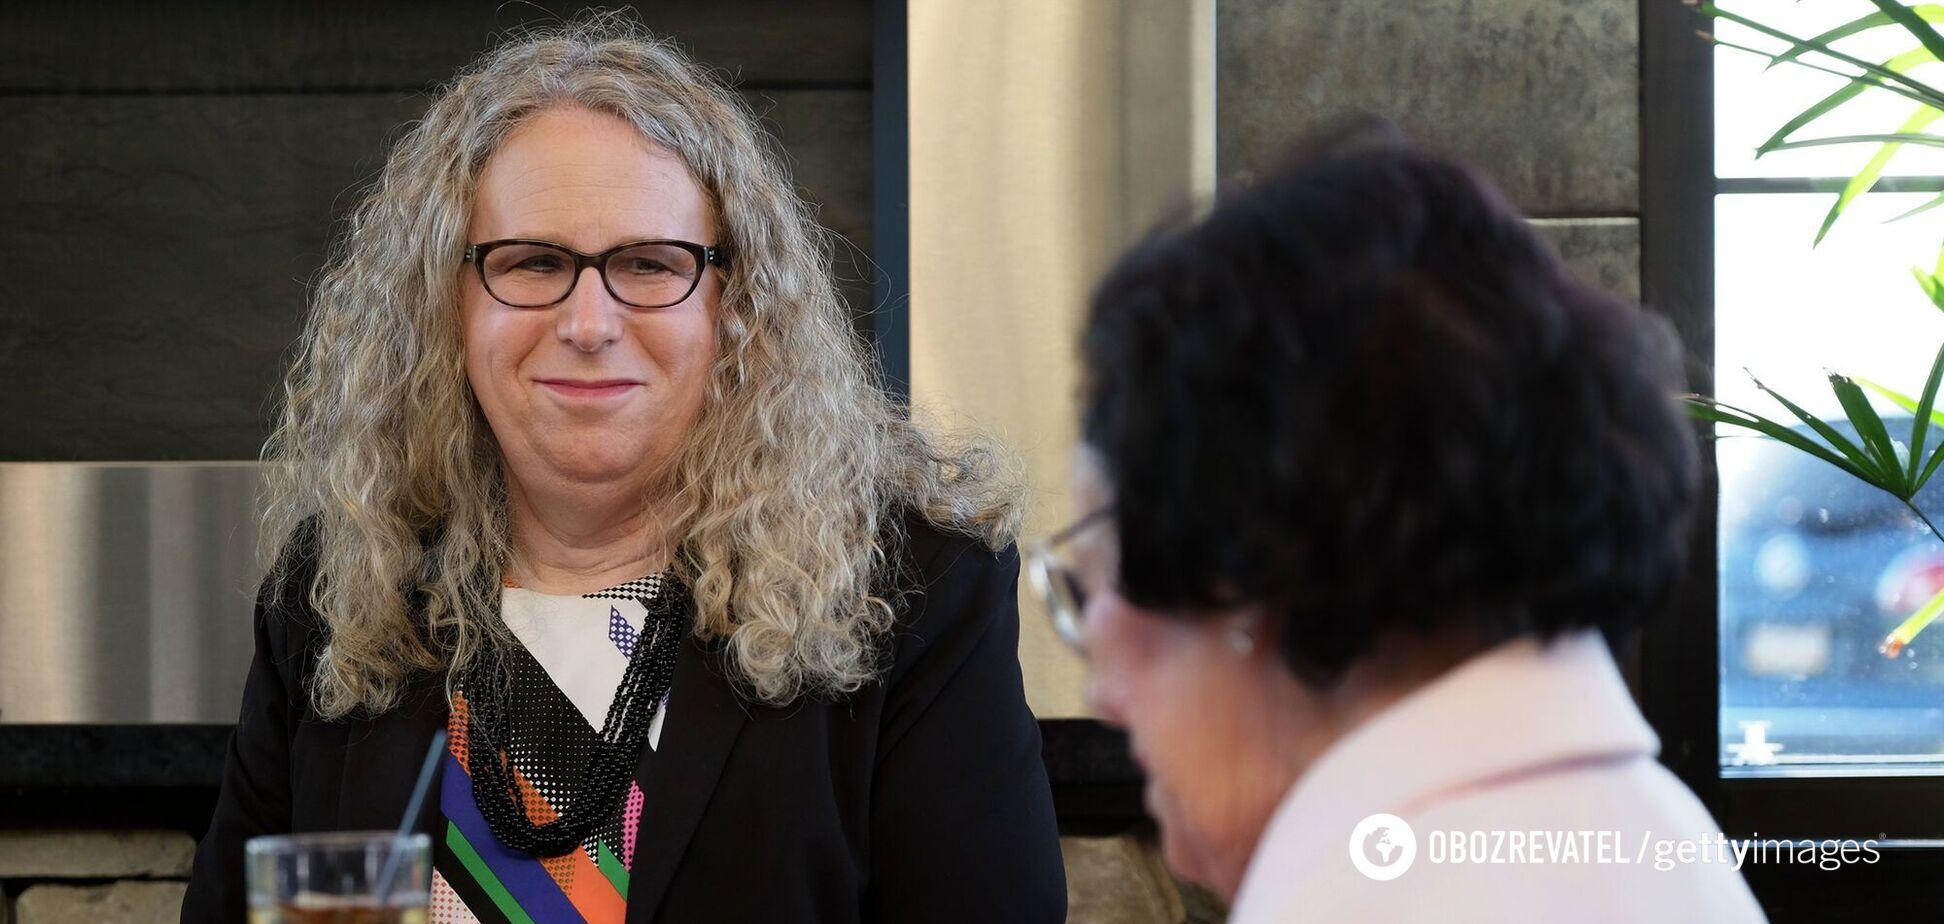 Рейчел Лівайн може стати першою у США федеральною чиновницею-трансгендеркою